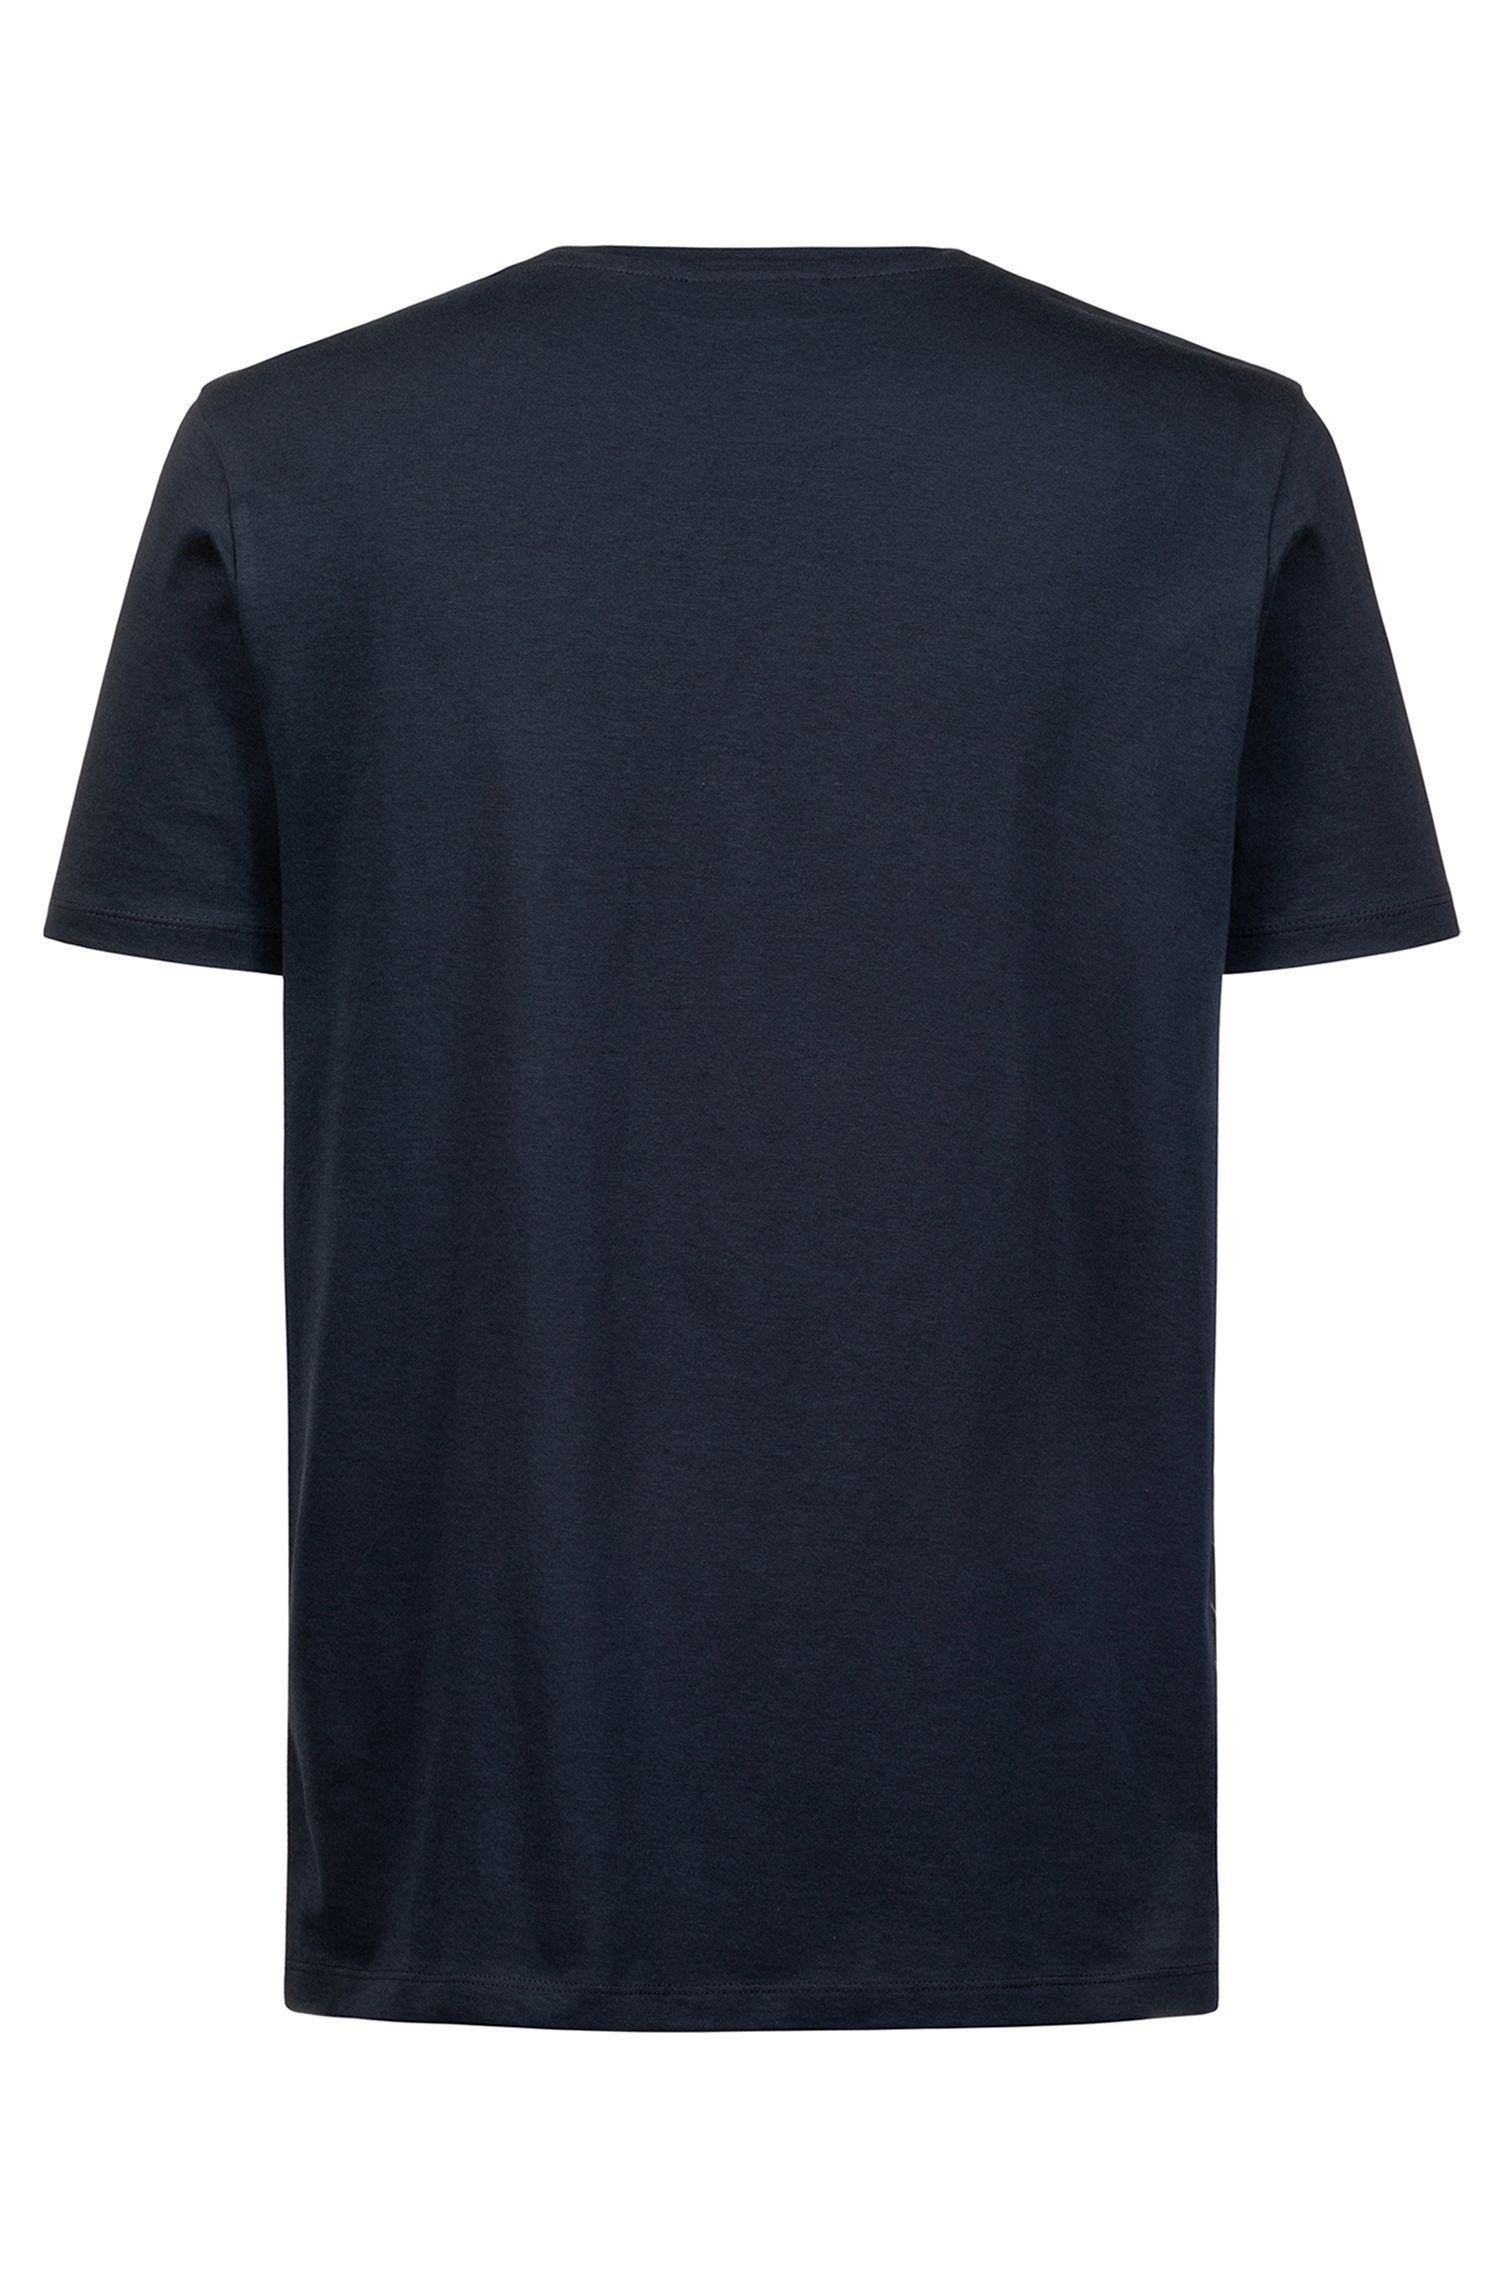 Crew-neck logo T-shirt in cotton jersey, Dark Blue